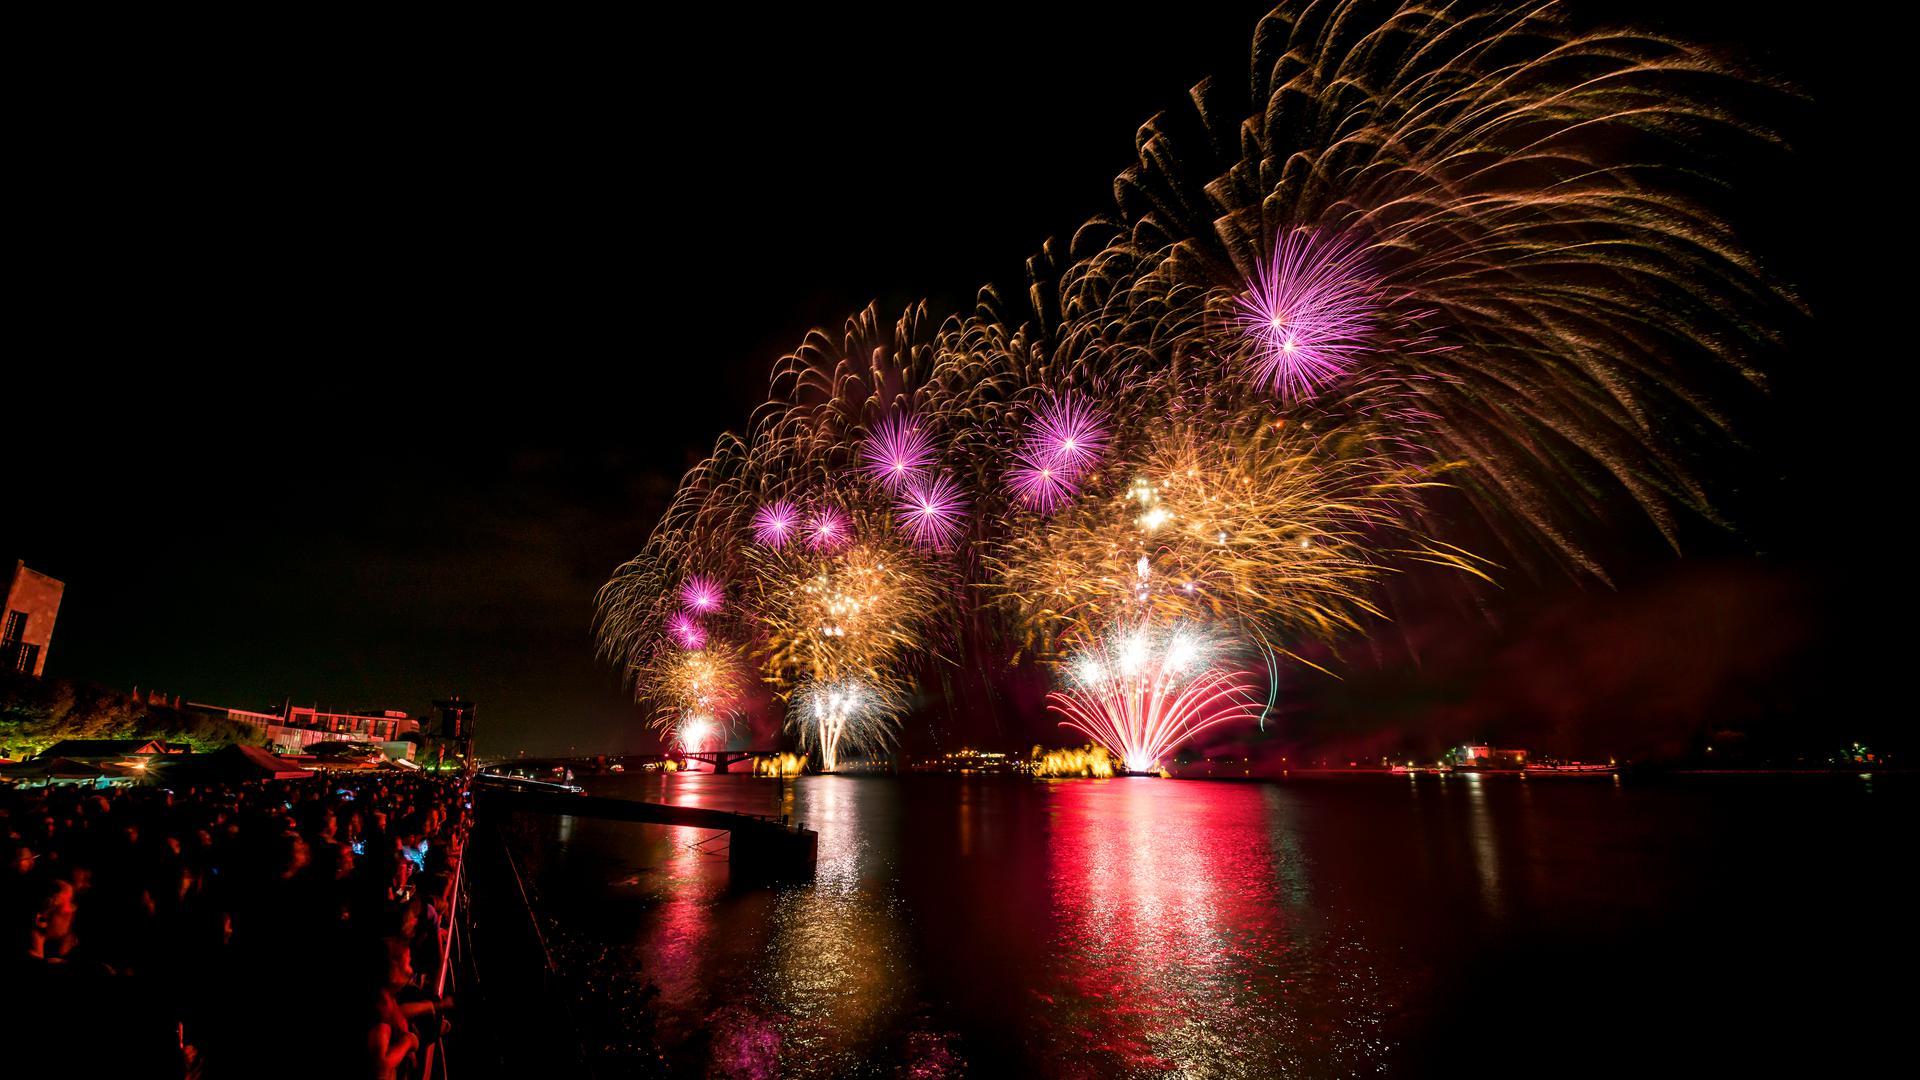 Menschen am Ufer des Rheins schauen bei Nacht auf ein spektakuläres Feuerwerk.